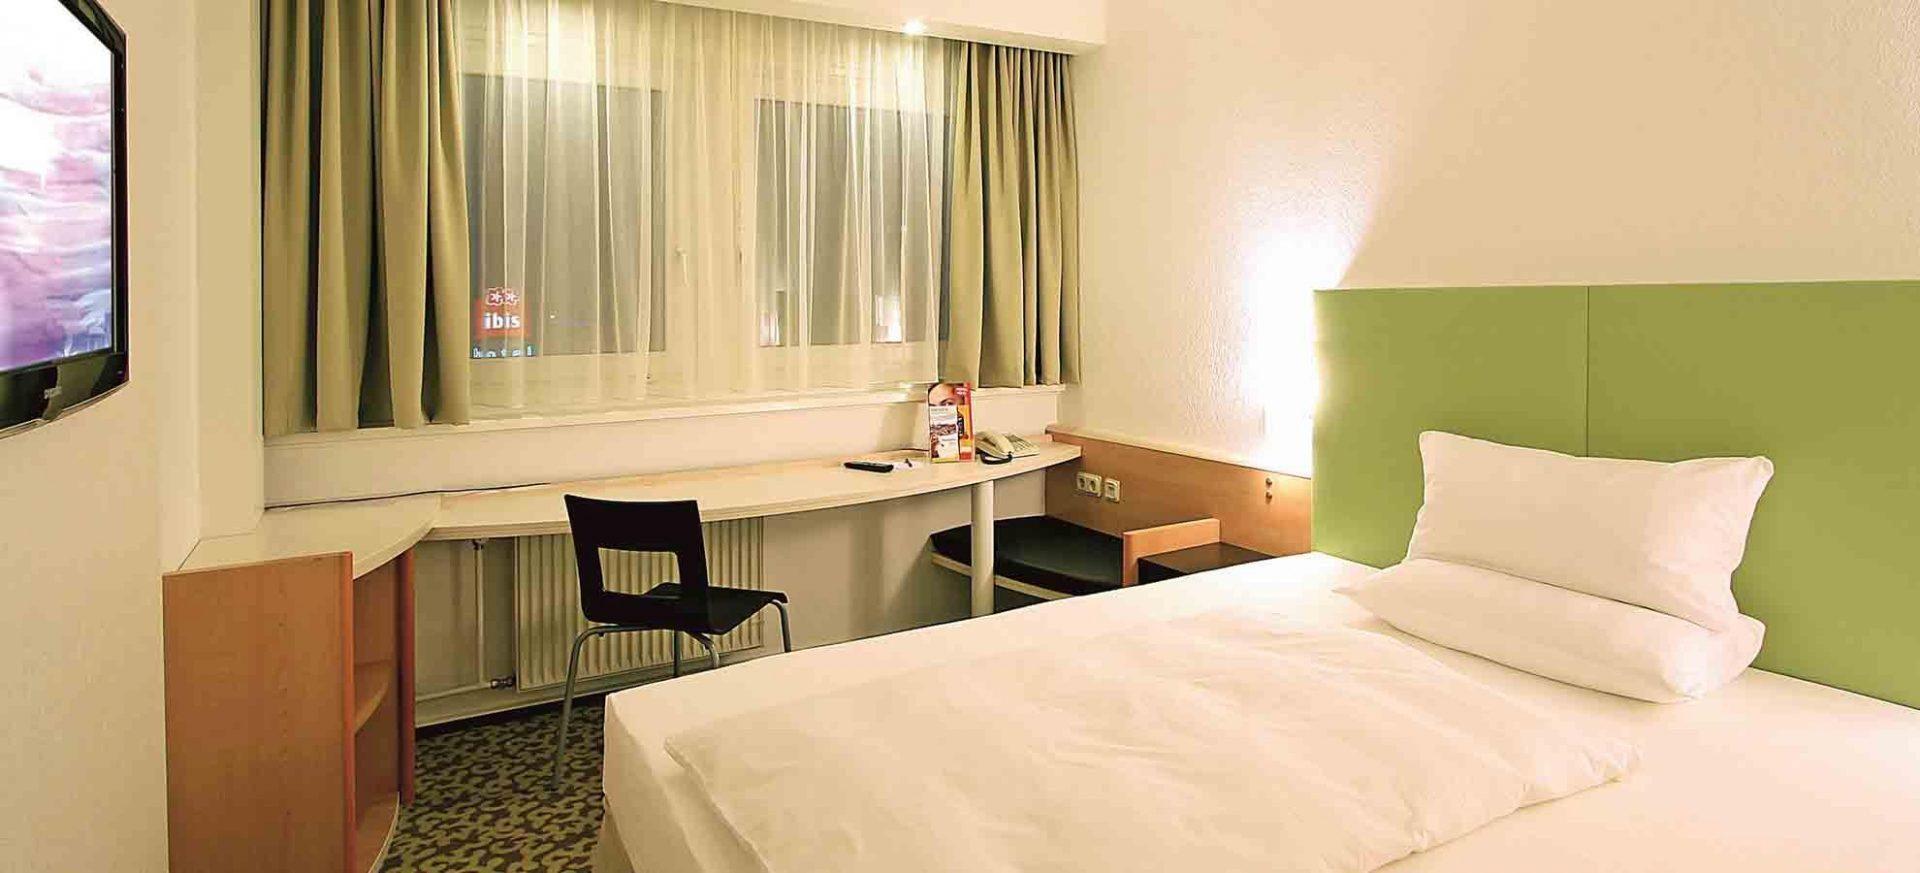 ibis Dresden Zentrum Standard Einzelzimmer / Standard Single Room